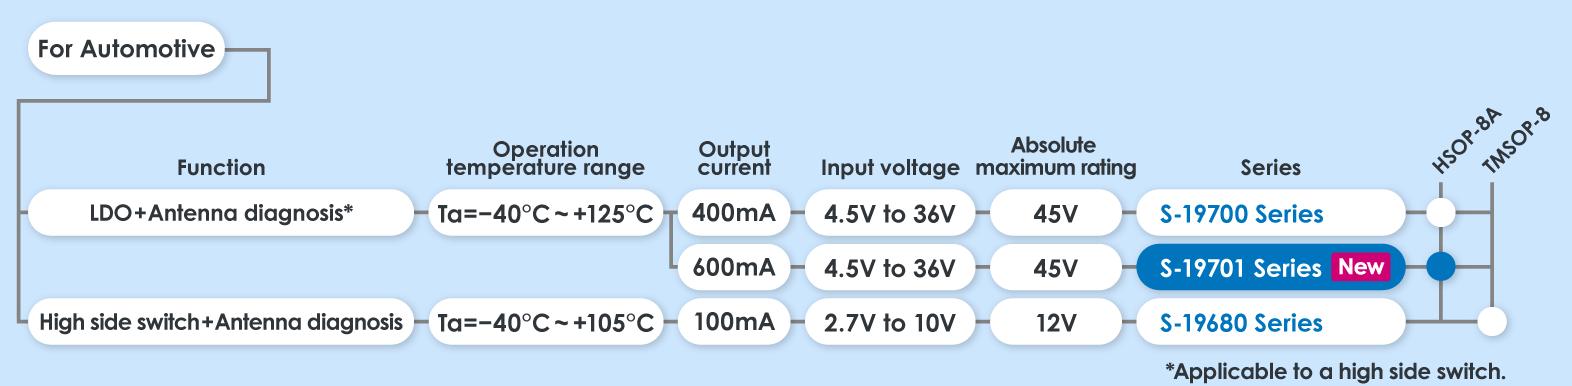 automotive-antenna-diagnosis_lineup